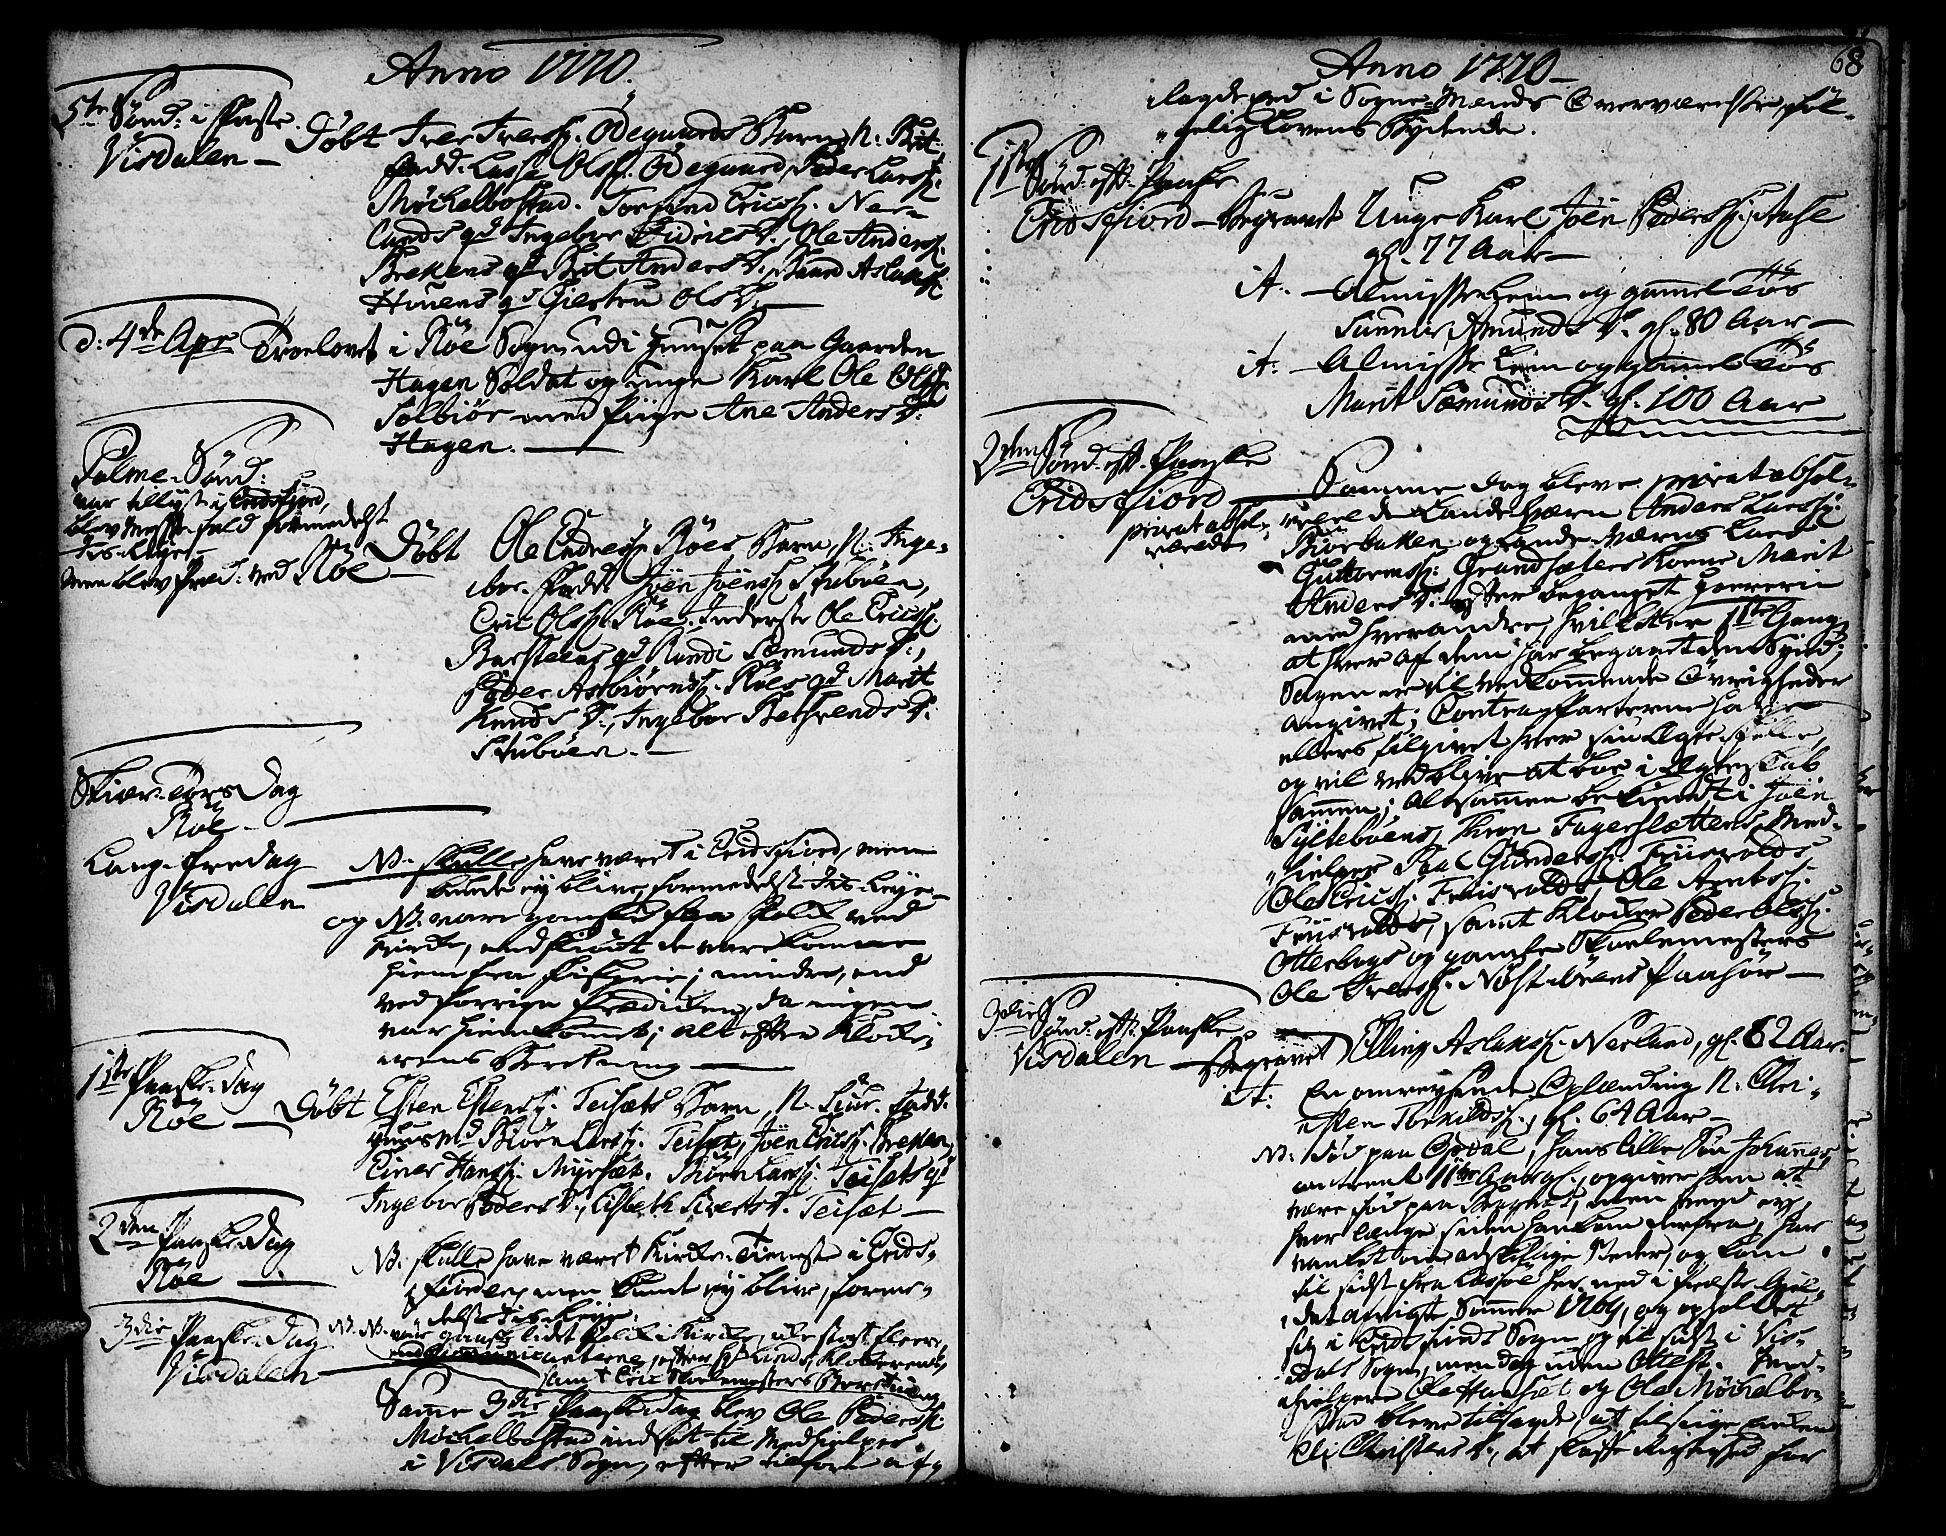 SAT, Ministerialprotokoller, klokkerbøker og fødselsregistre - Møre og Romsdal, 551/L0621: Ministerialbok nr. 551A01, 1757-1803, s. 68